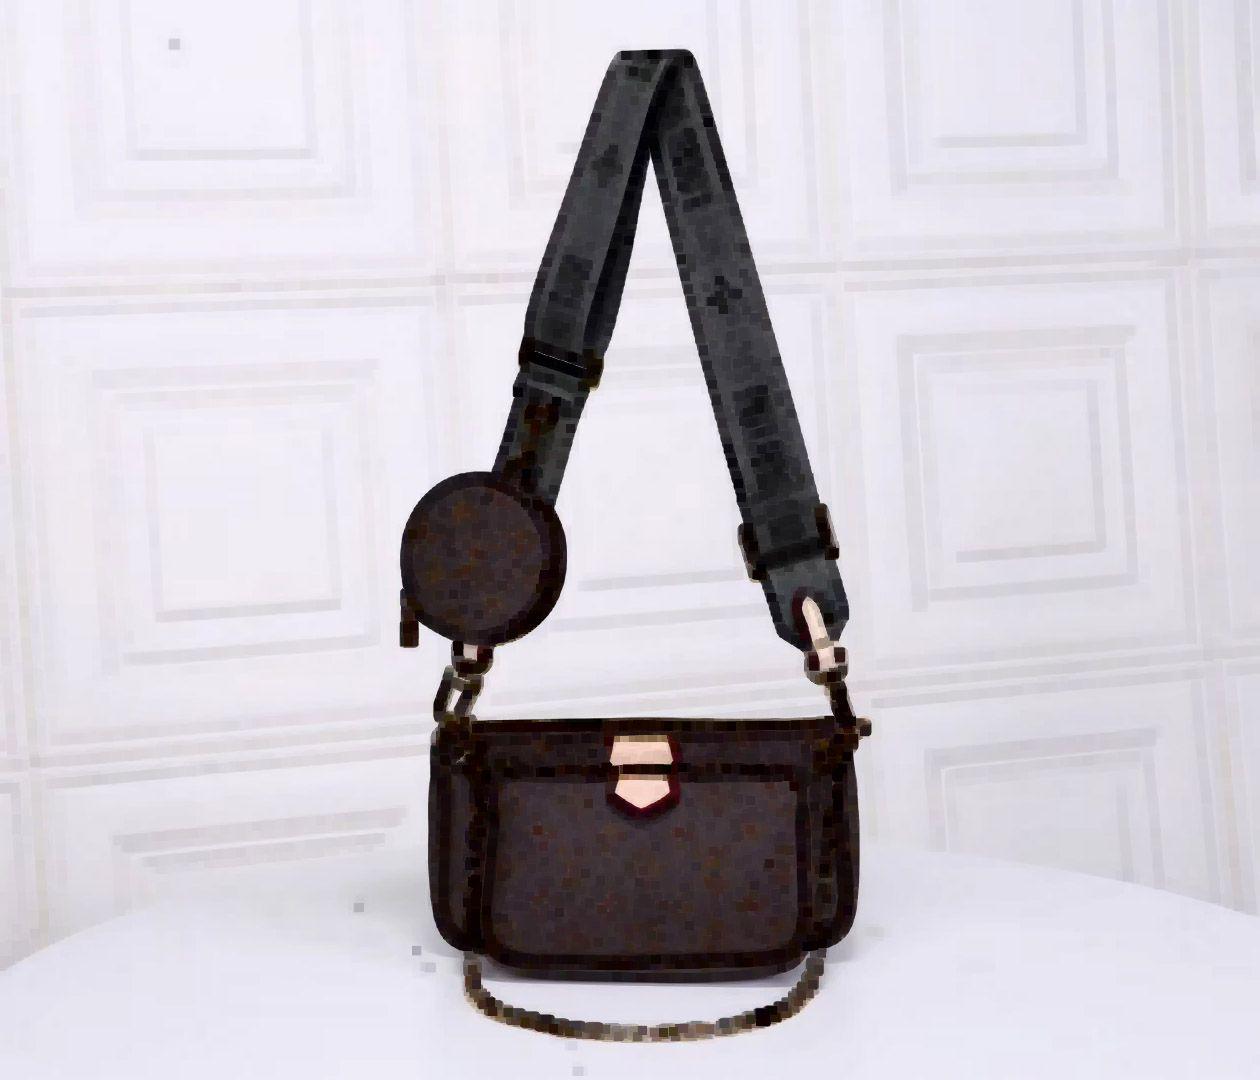 Geldbörse Münze Multi Pochette Handtasche M44813 M44823 Taschen Taschen Drei Frauen Satchel Body Accessoires Cross Pouch M44840 Brieftasche Locky BB M4 NQOQ